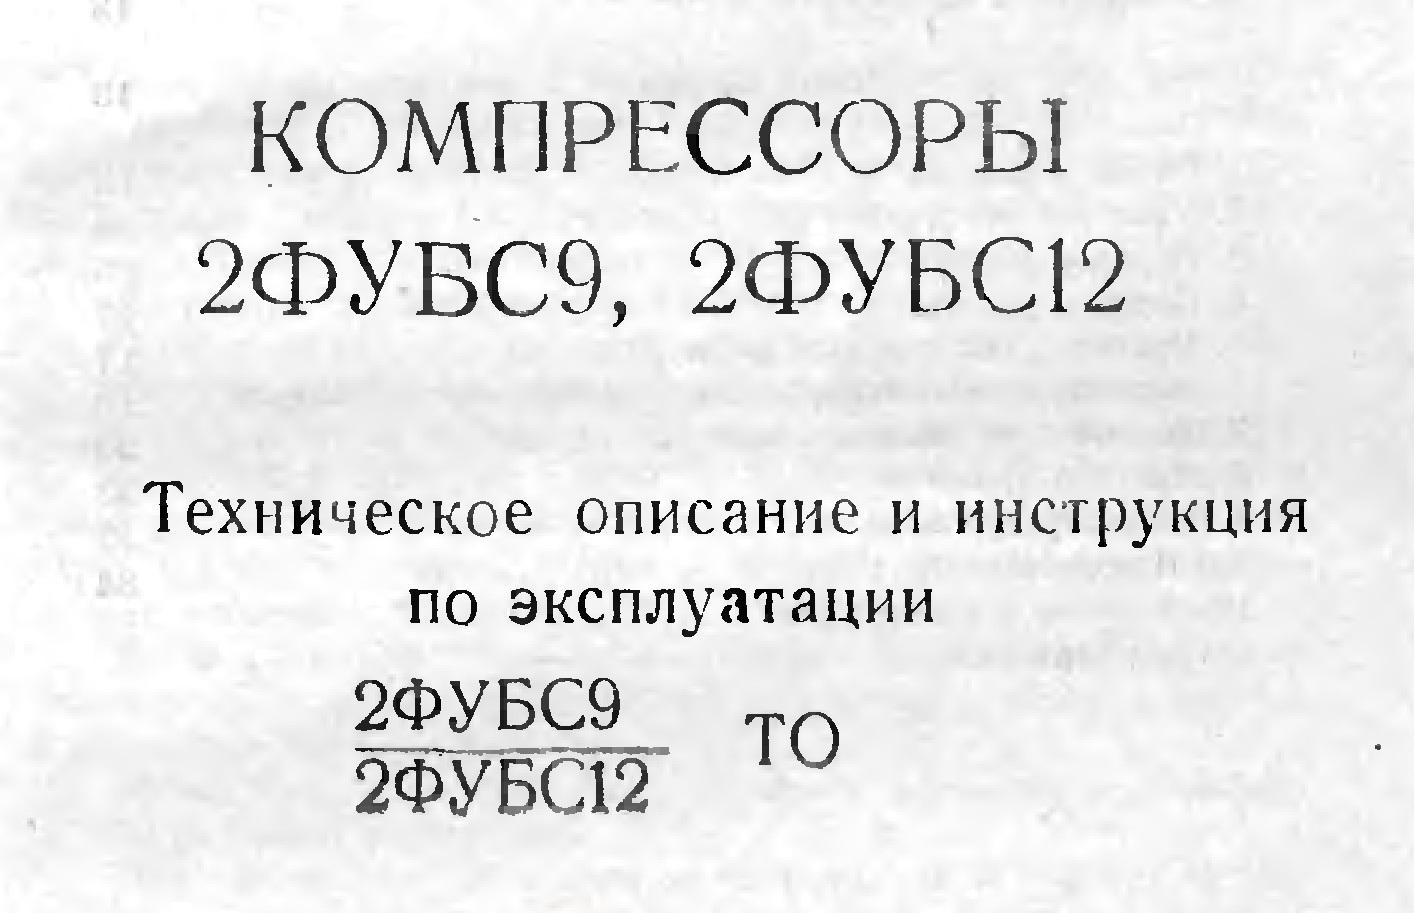 Компрессор 2ФУБС9 и 2ФУБС12